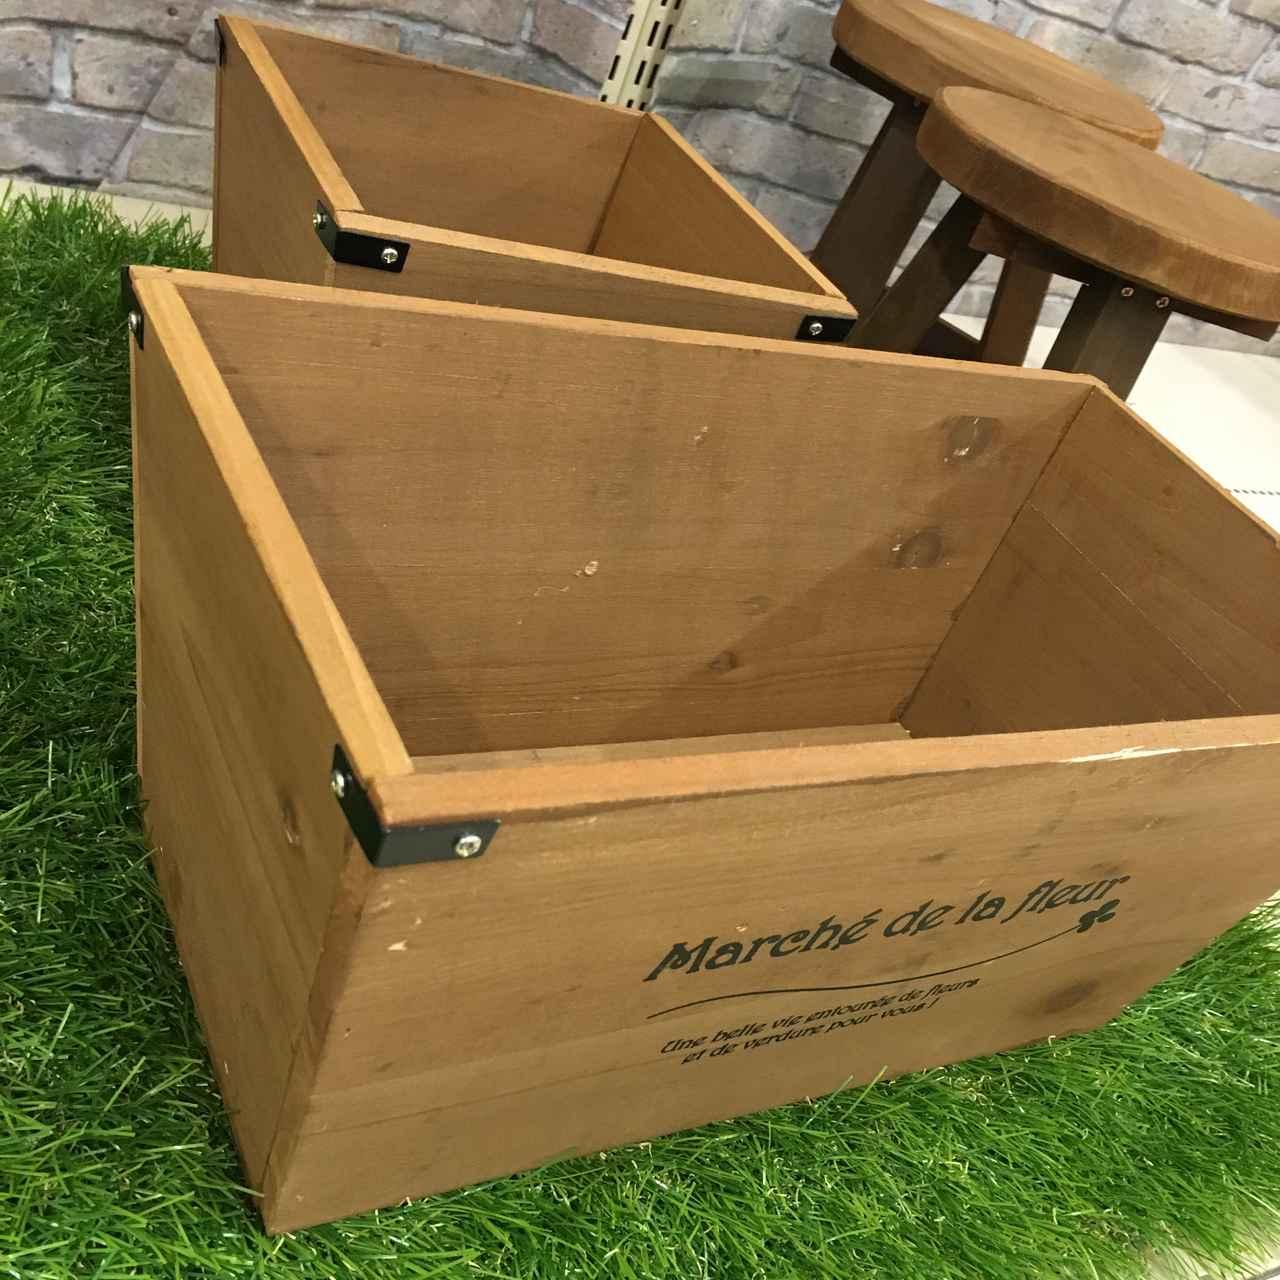 画像1: キャンプ収納ボックス(コンテナ)を便利に活用! アウトドアにおすすめな便利・頑丈・大容量9選